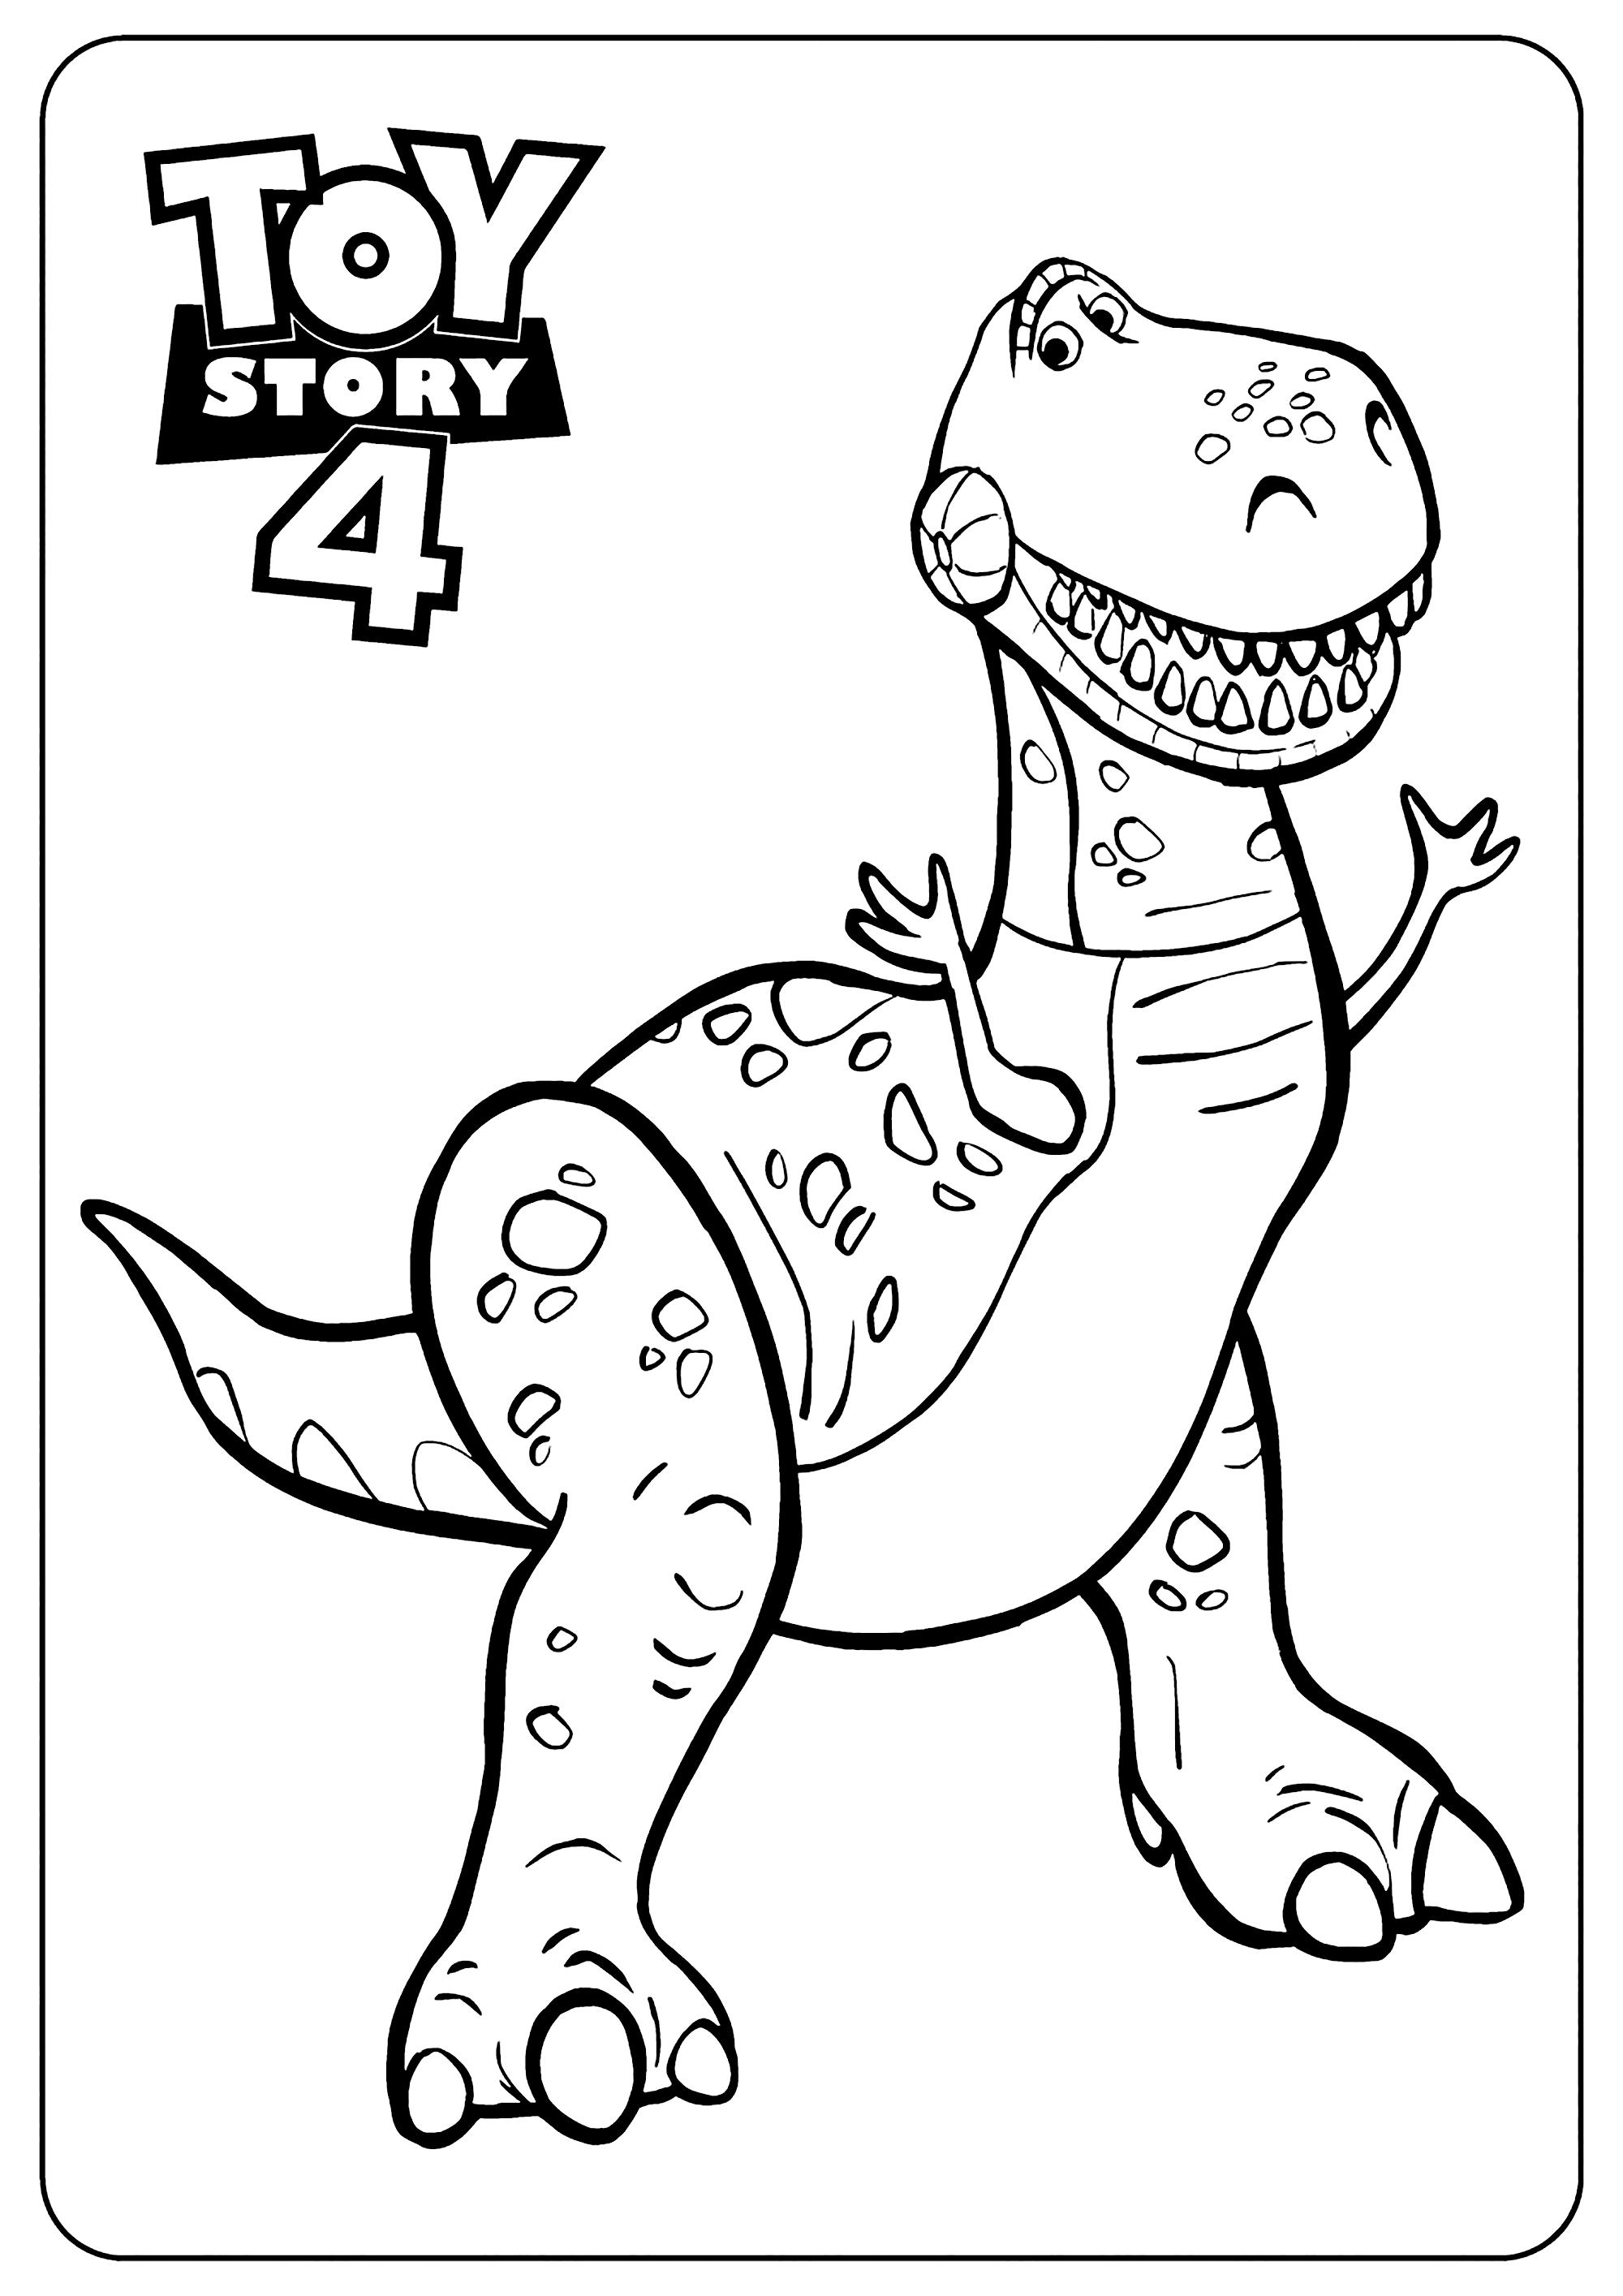 Image de Toy Story 4 à imprimer et à colorier : Dino